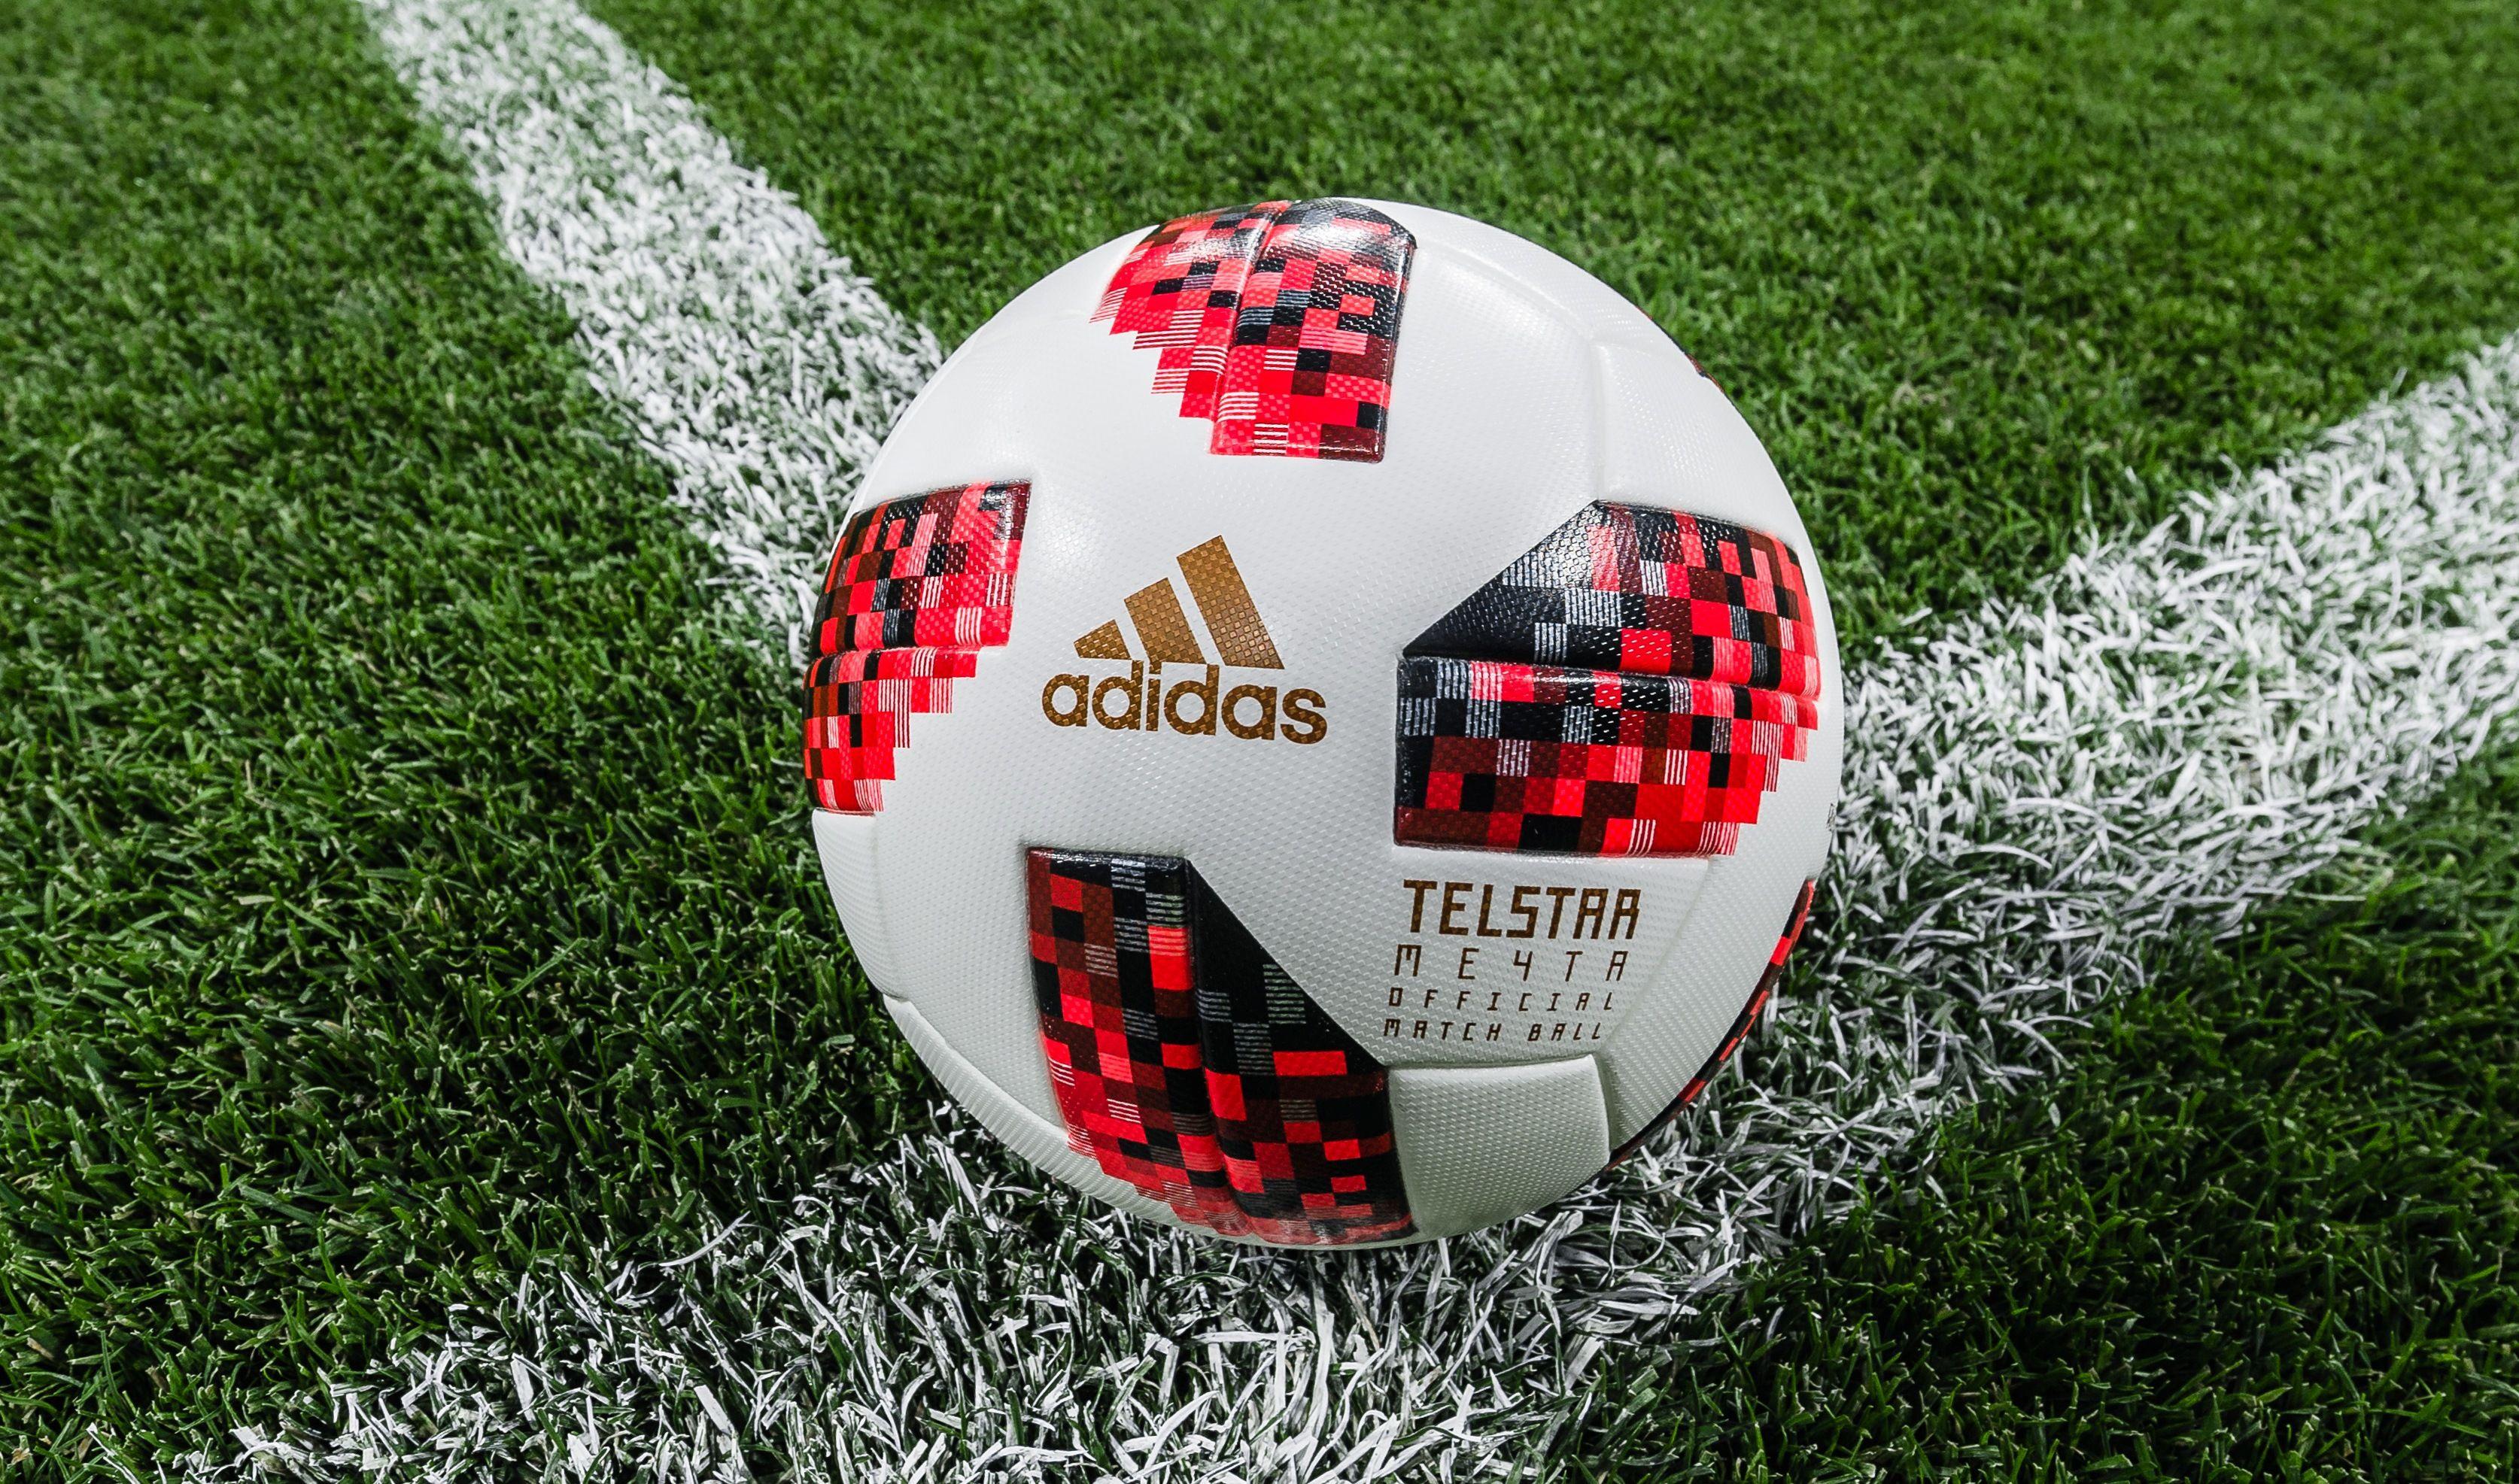 ¡Se renueva! Los octavos de final del Mundial se jugarán con una pelota distinta